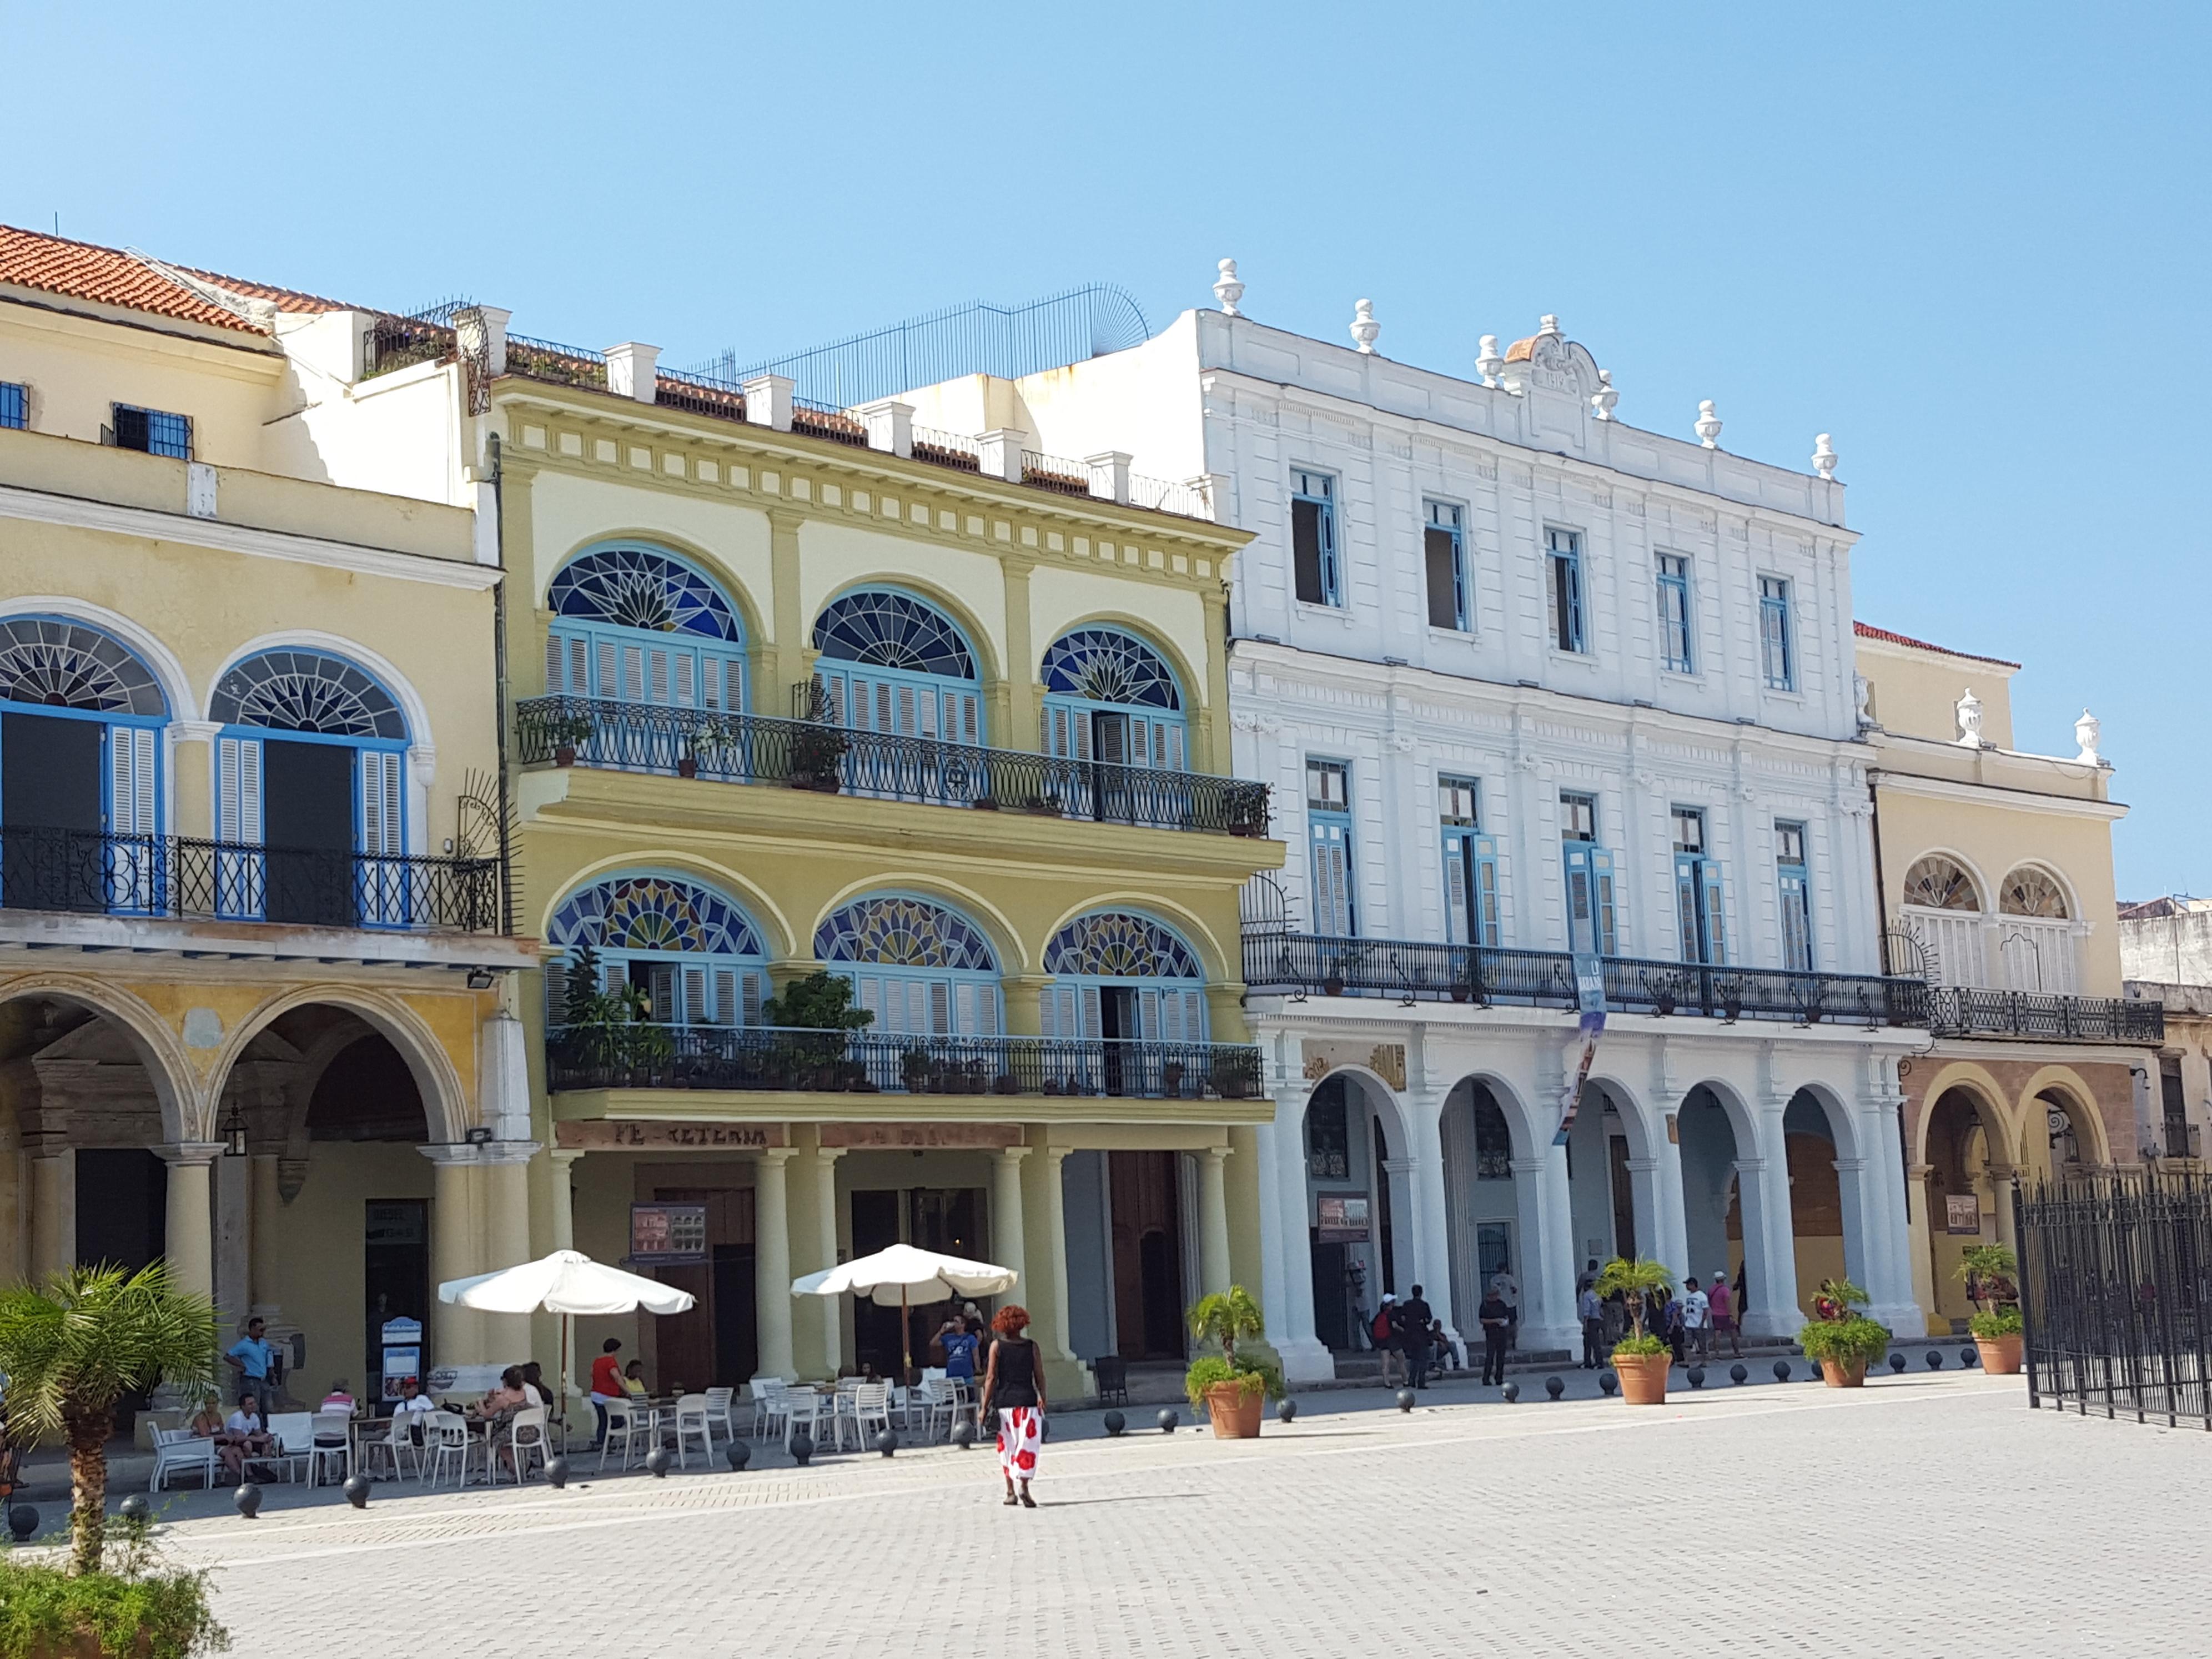 imagen 2 de noticia: nuestro-corto-documental-de-nuestra-visita-en-cuba